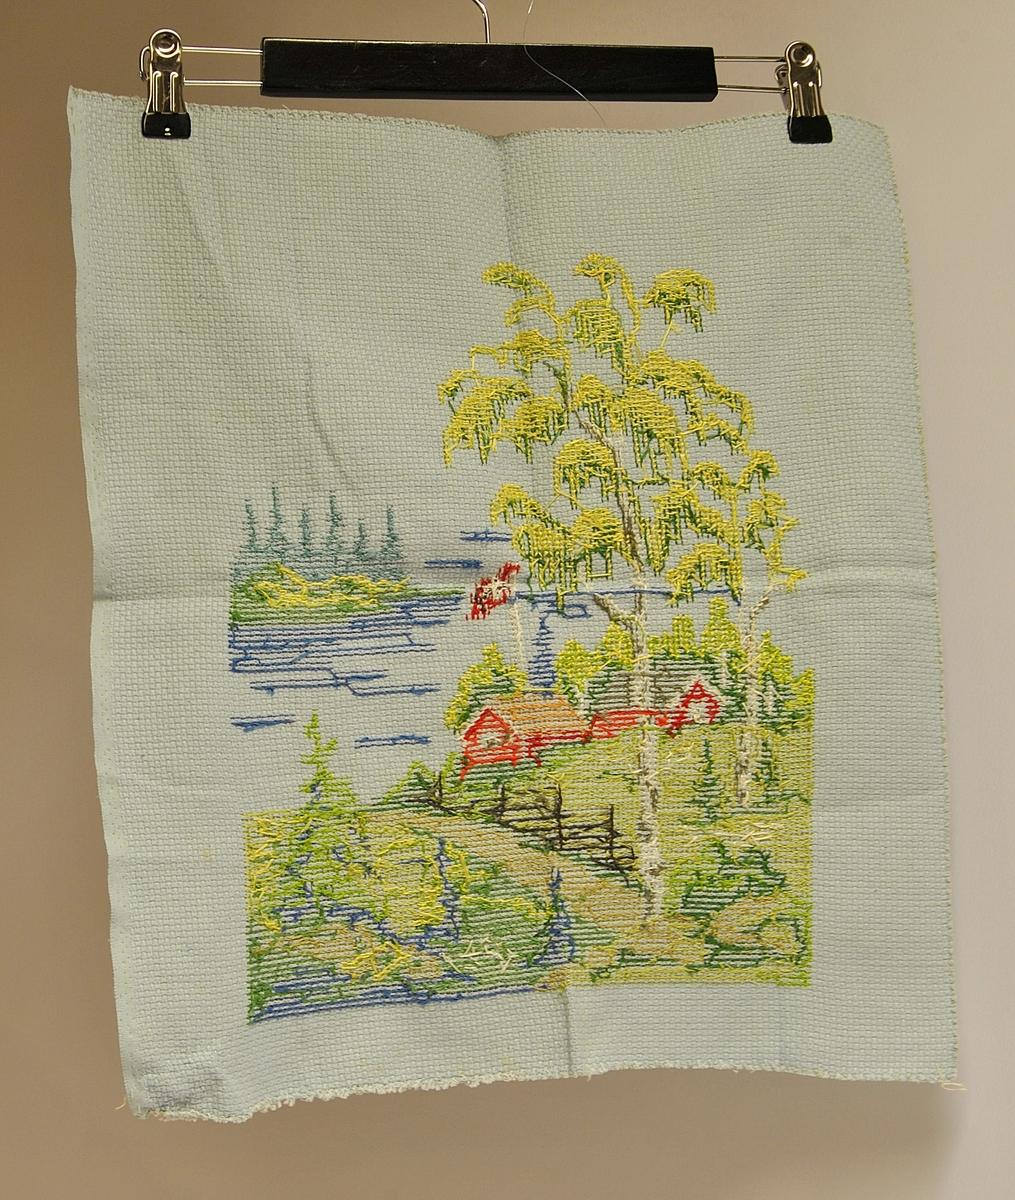 Rektangulært tøystykke med broderi på.  Motivet viser to røde hus, bjørketrær, skigard i et skogsområde.